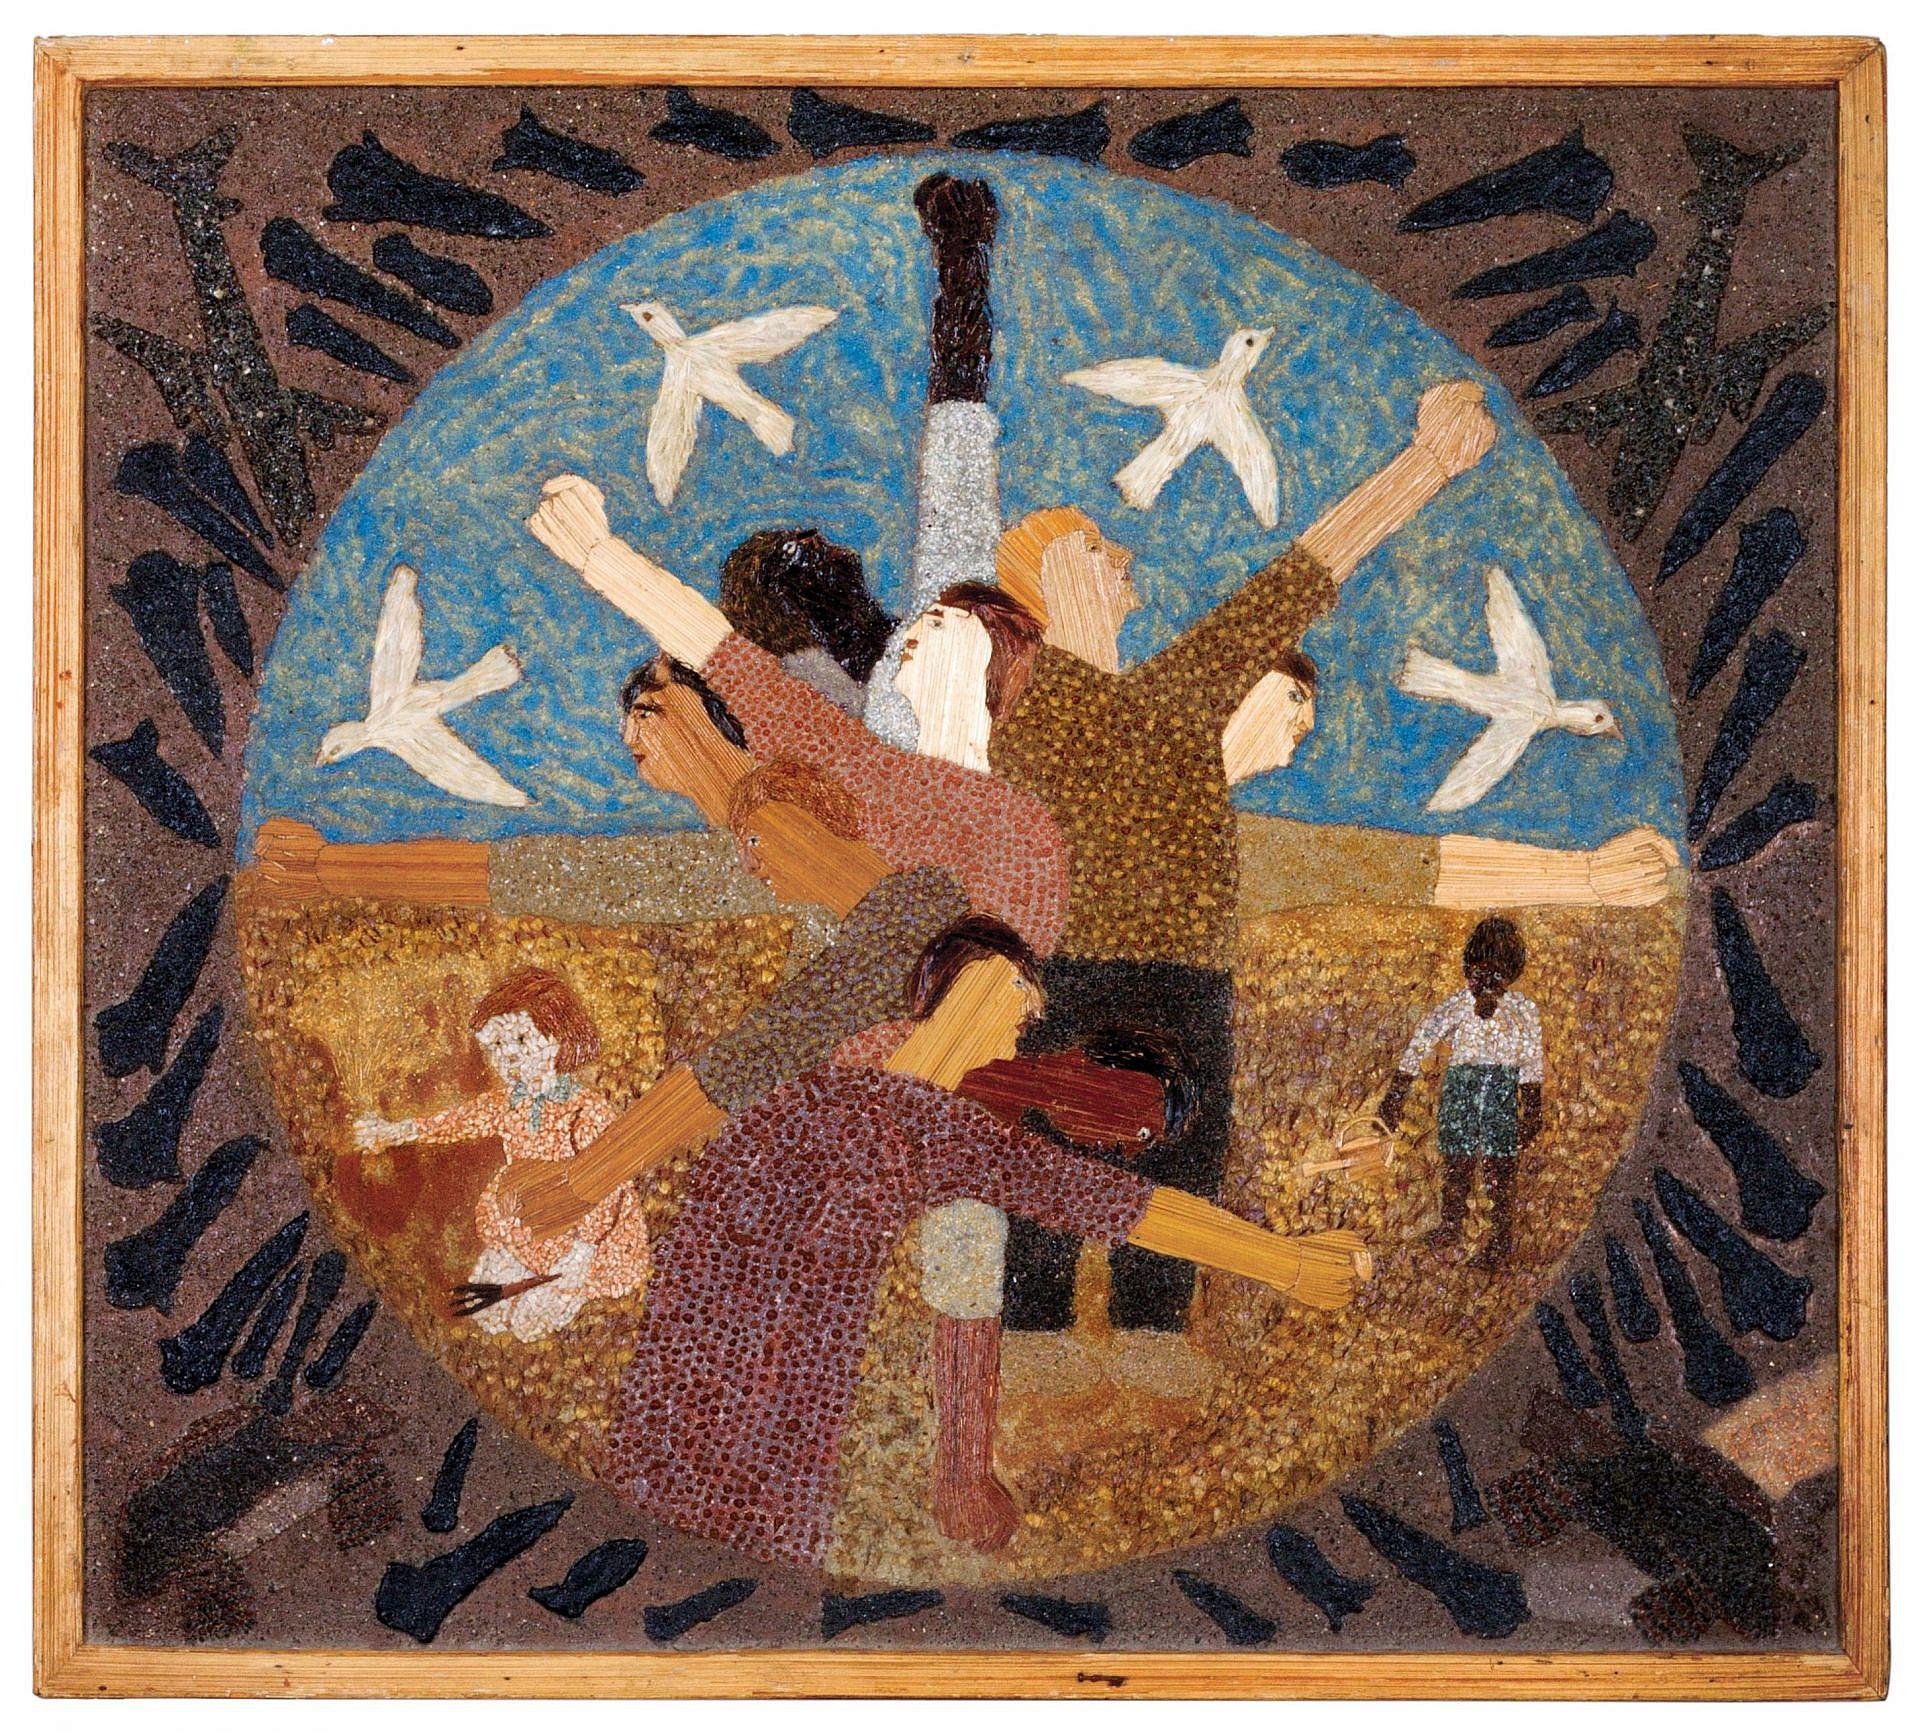 אקולוגי, מפתיע ובן 94. מתוך התערוכה של מלך ברגר, מוזיאון תל אביב (צילום: מרגריטה פלין)